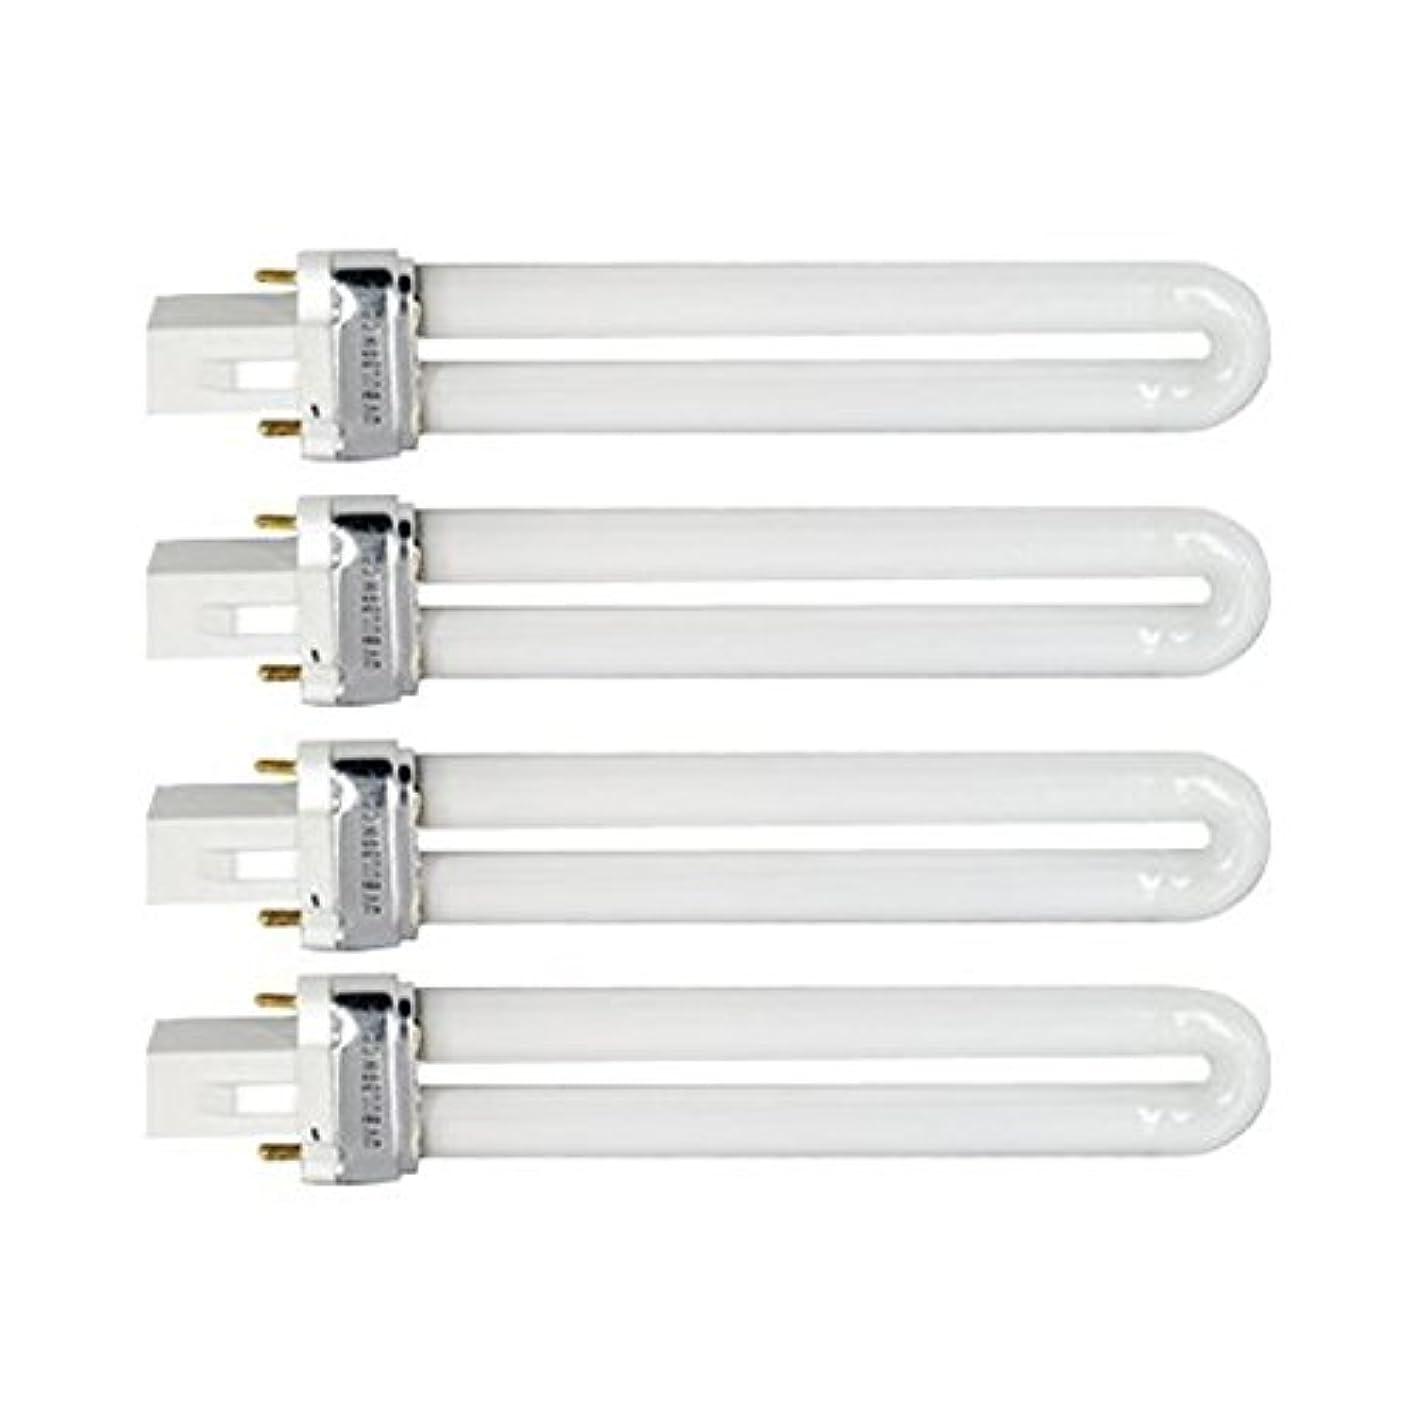 オーバーヘッド確認してください楽しませるTinksky UV灯 紫外線 殺菌灯 電球交換 9 ワット U 型 365 nm ランプ電球チューブ ネイル アート Dryer-4 pcsset